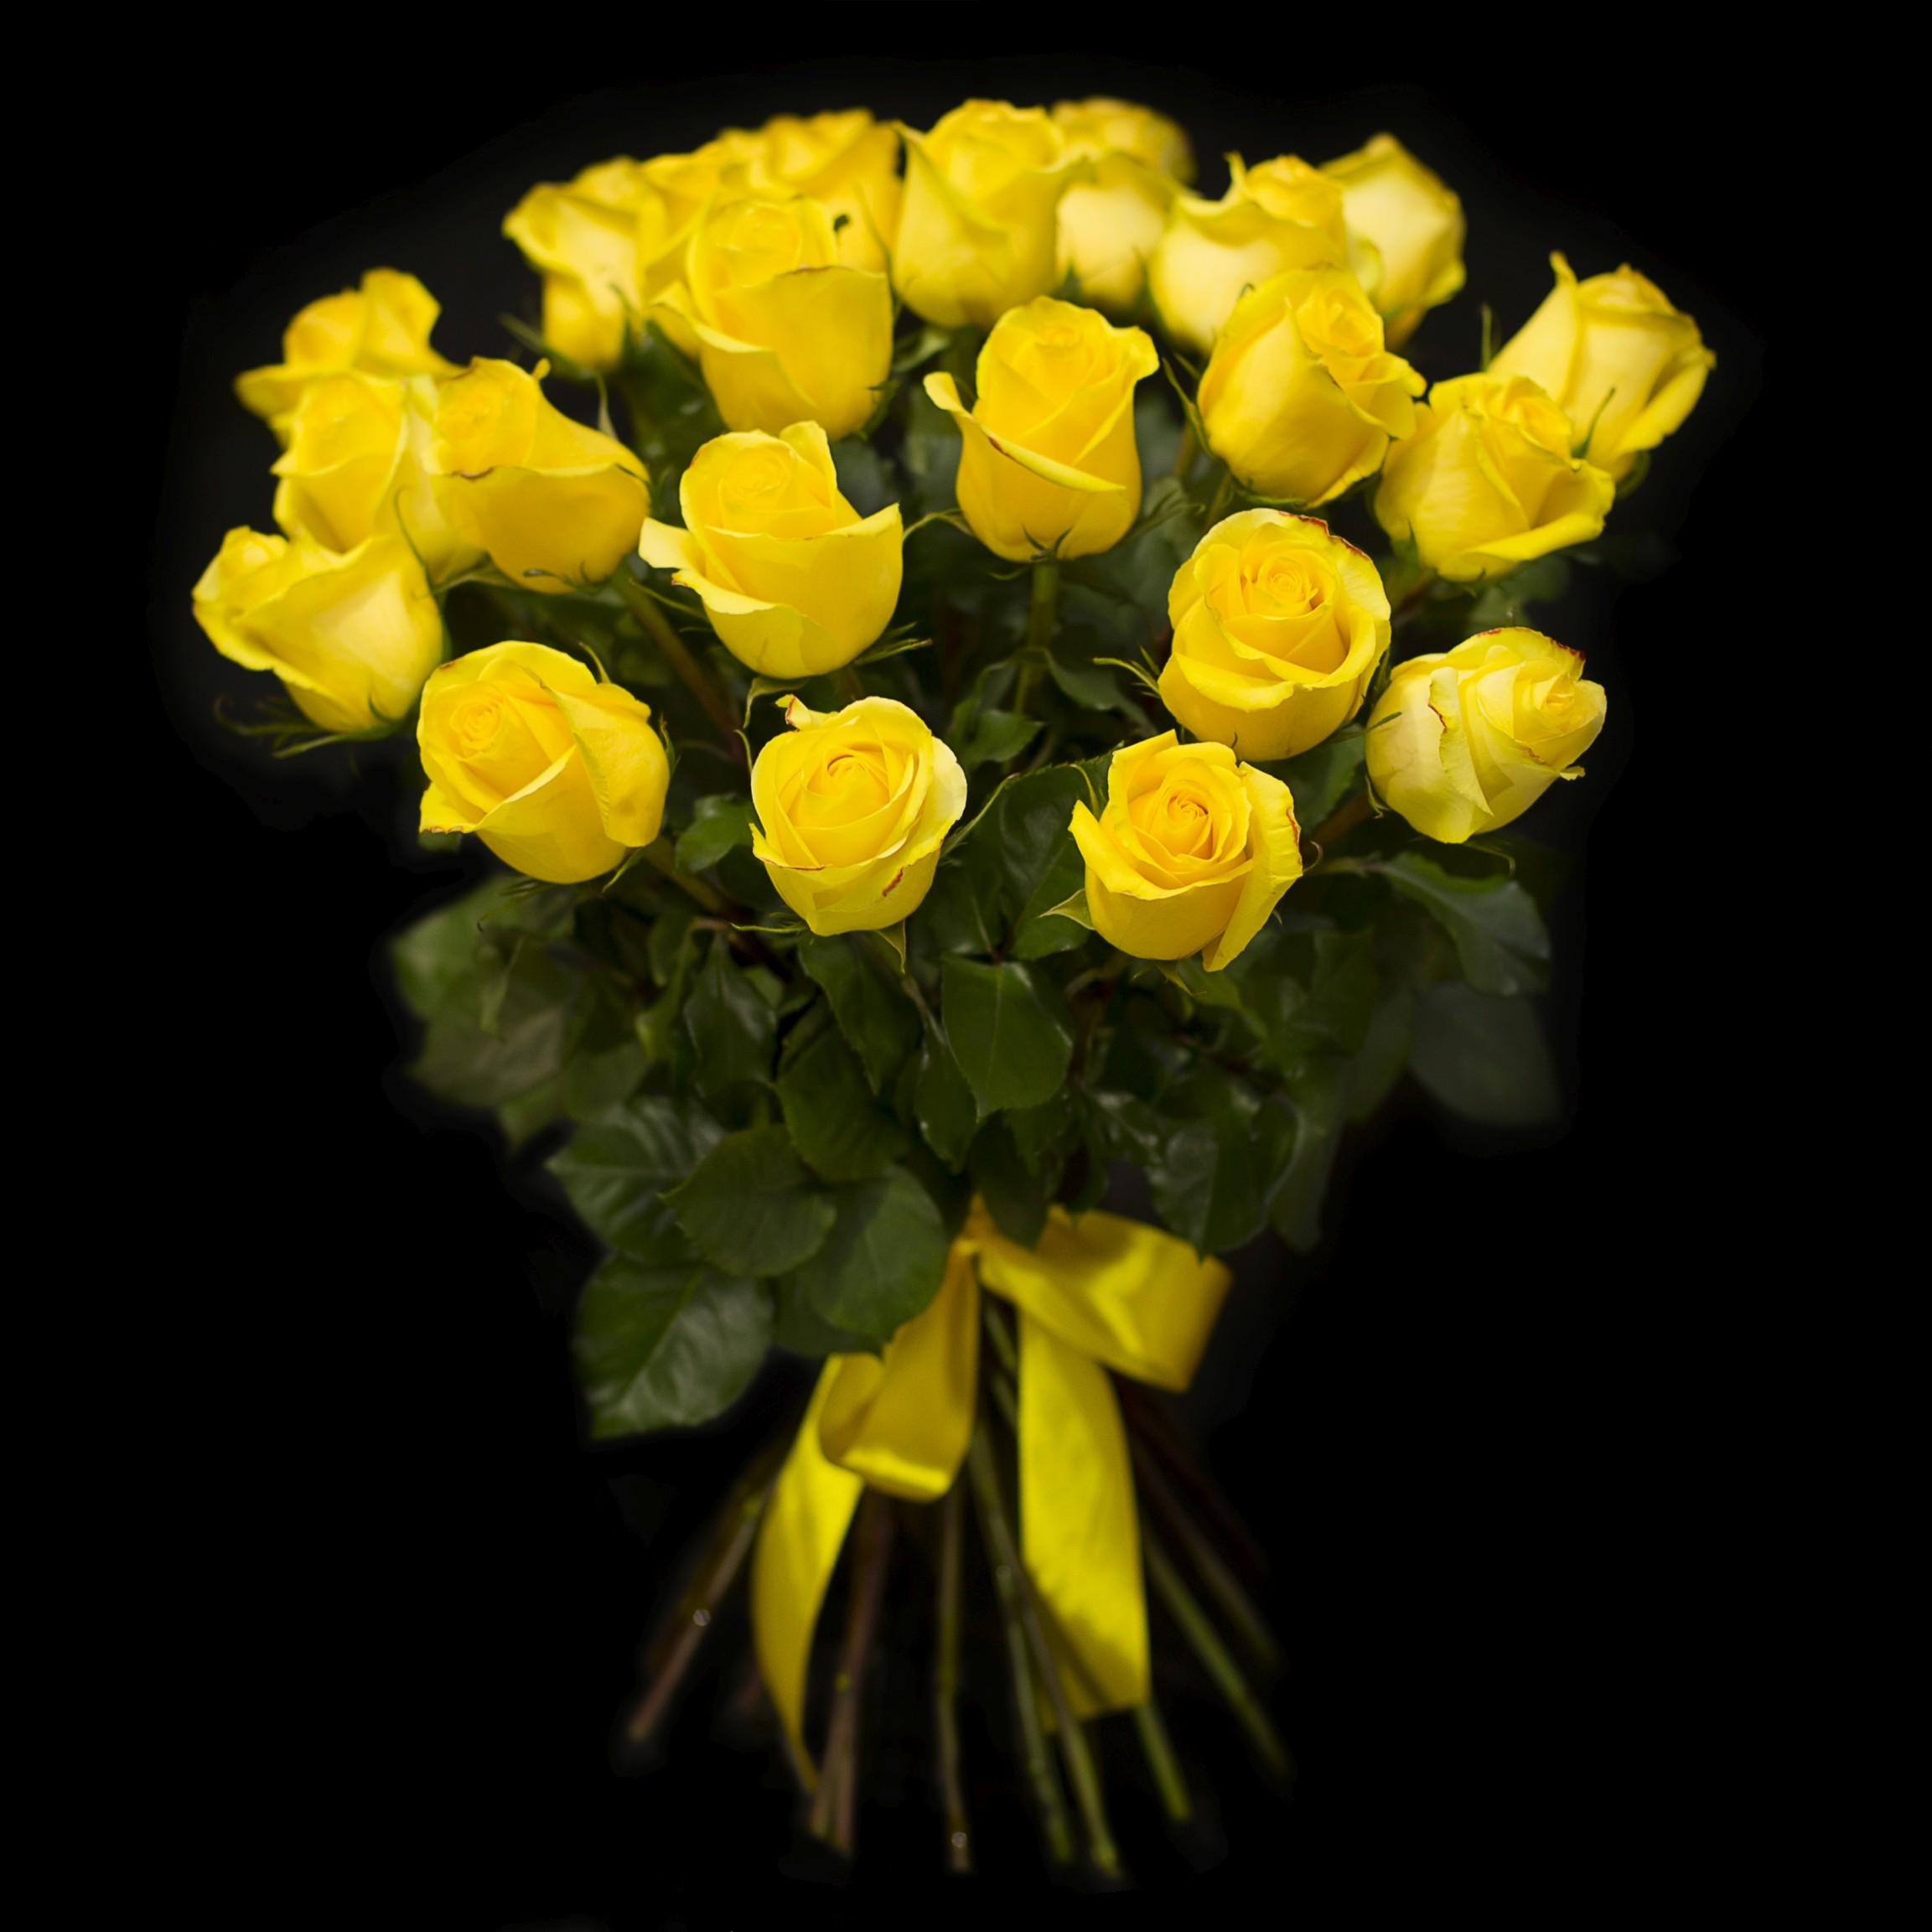 этим красивый букет из желтых роз должна быть